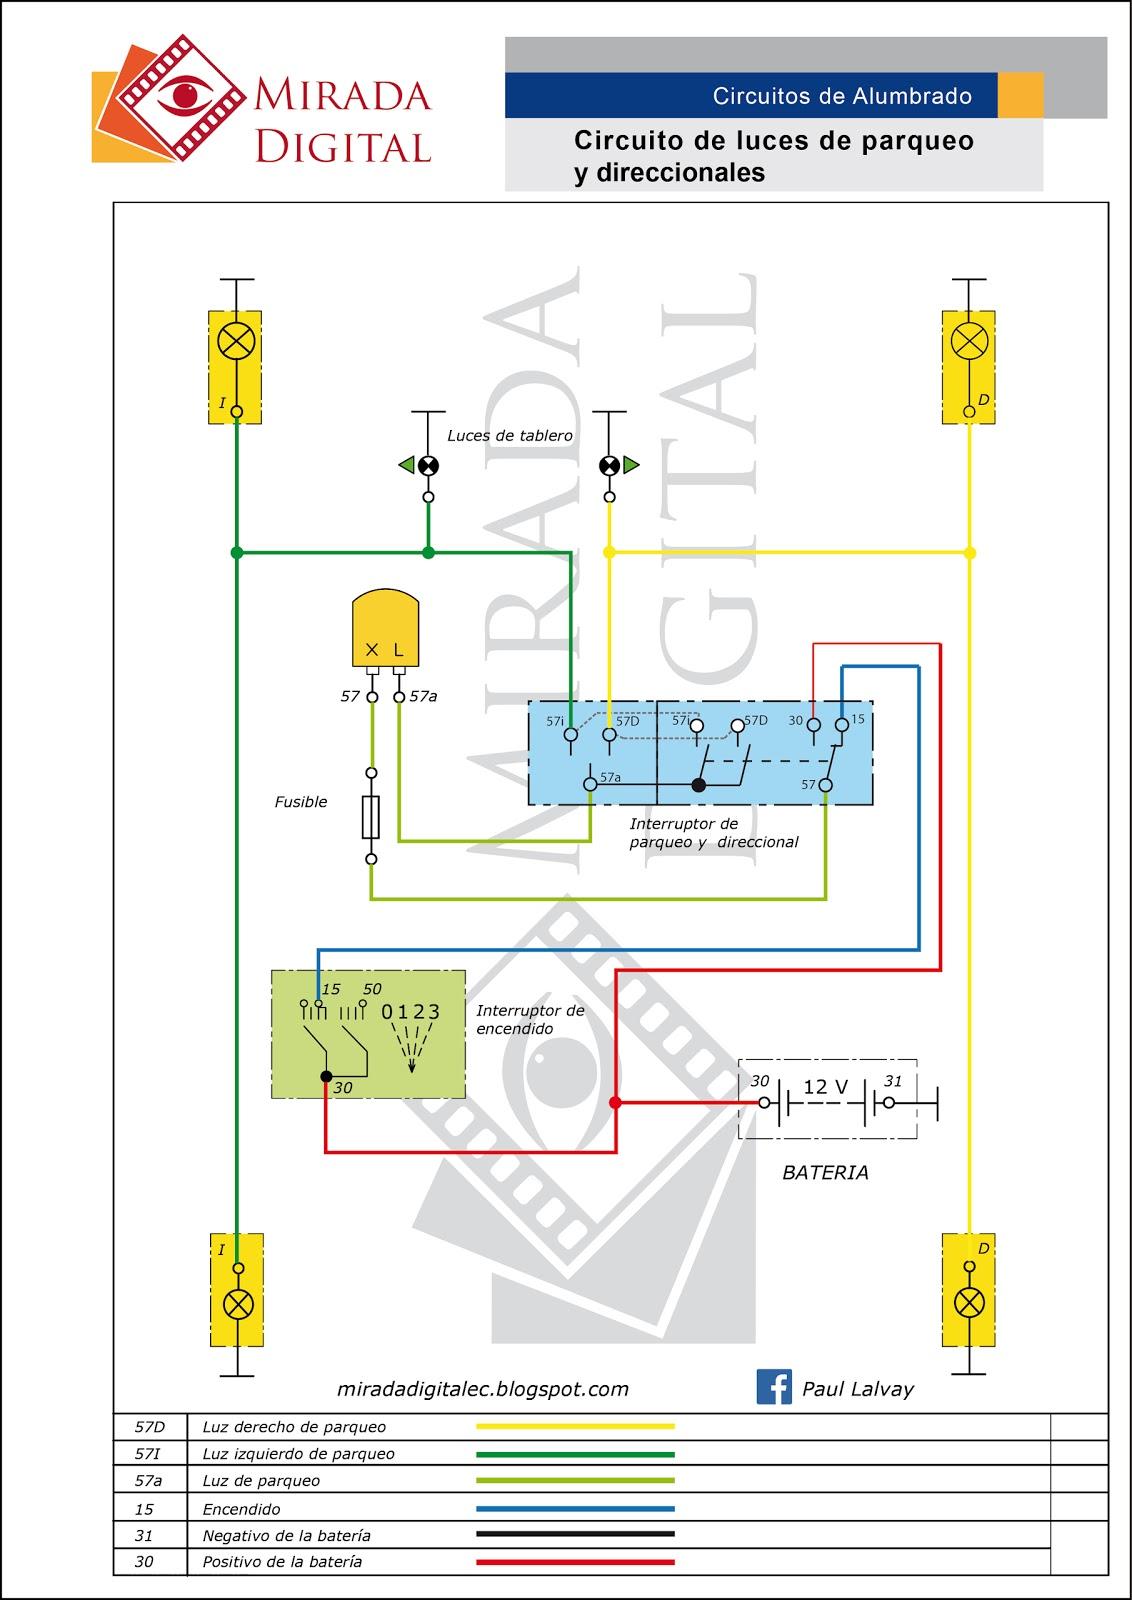 Circuito Electrico : Mirada digital circuito eléctrico de direccionales y parqueo